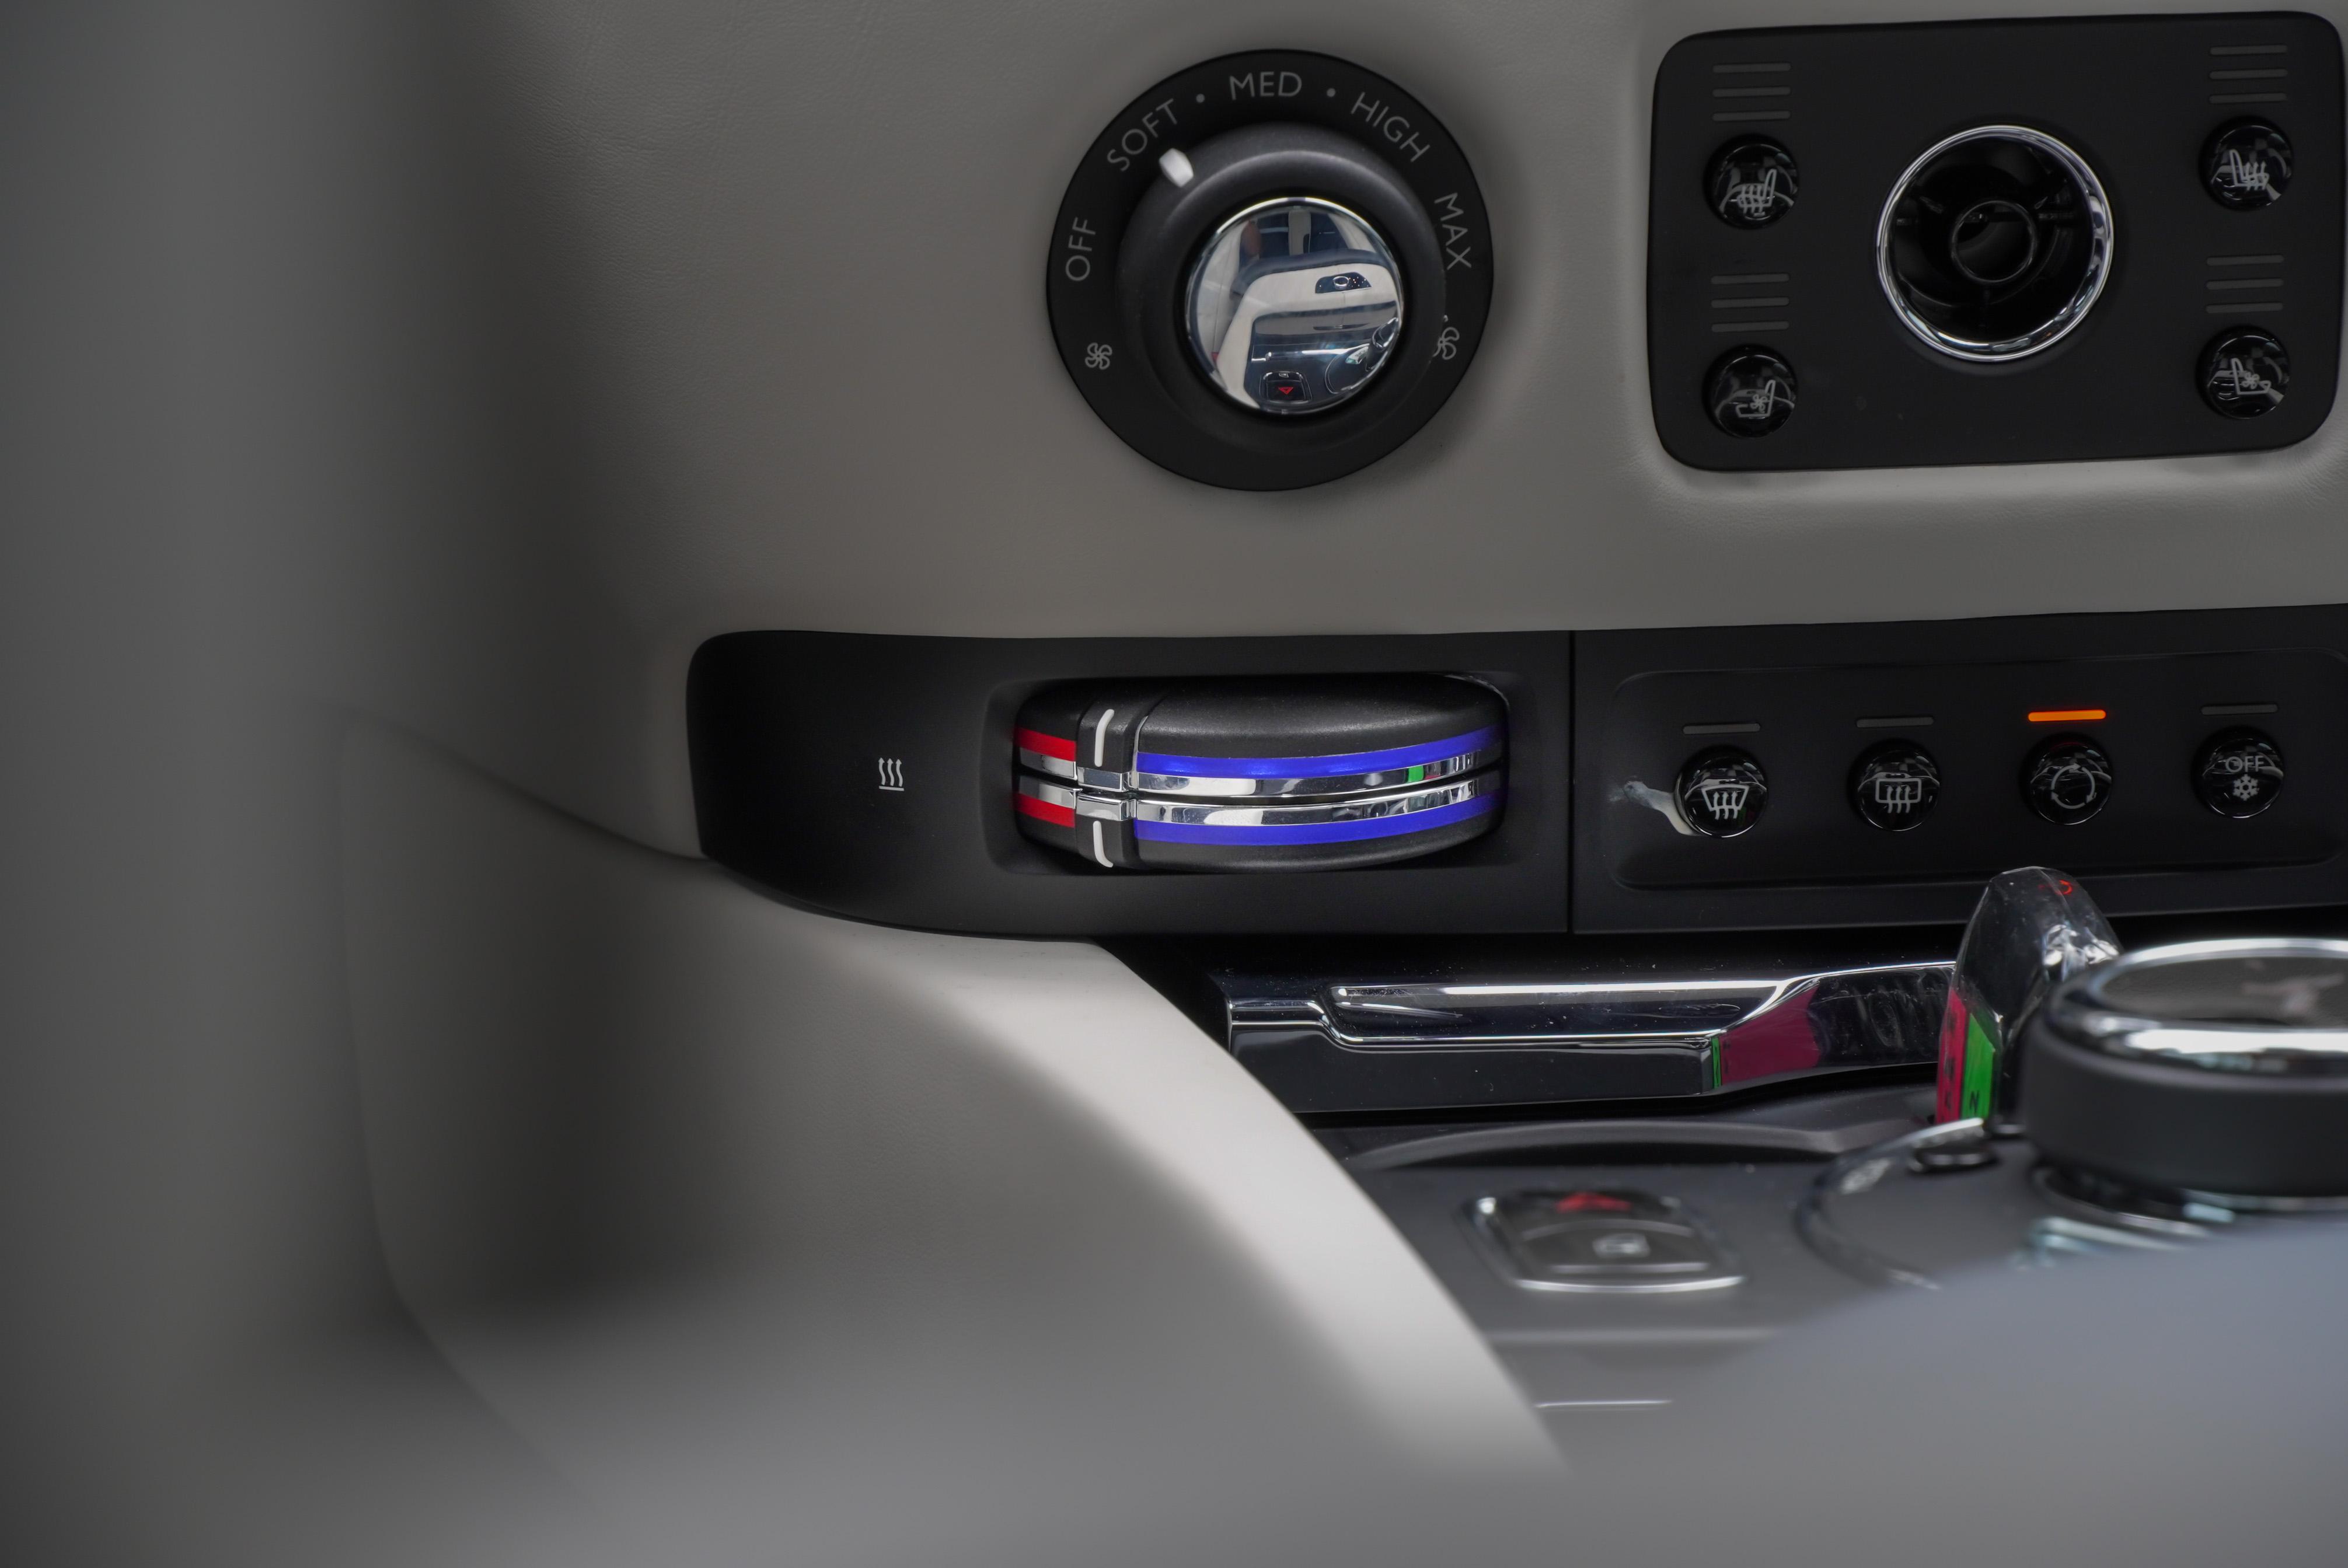 溫度調整旋鈕彷彿將乘客帶回類比時代。